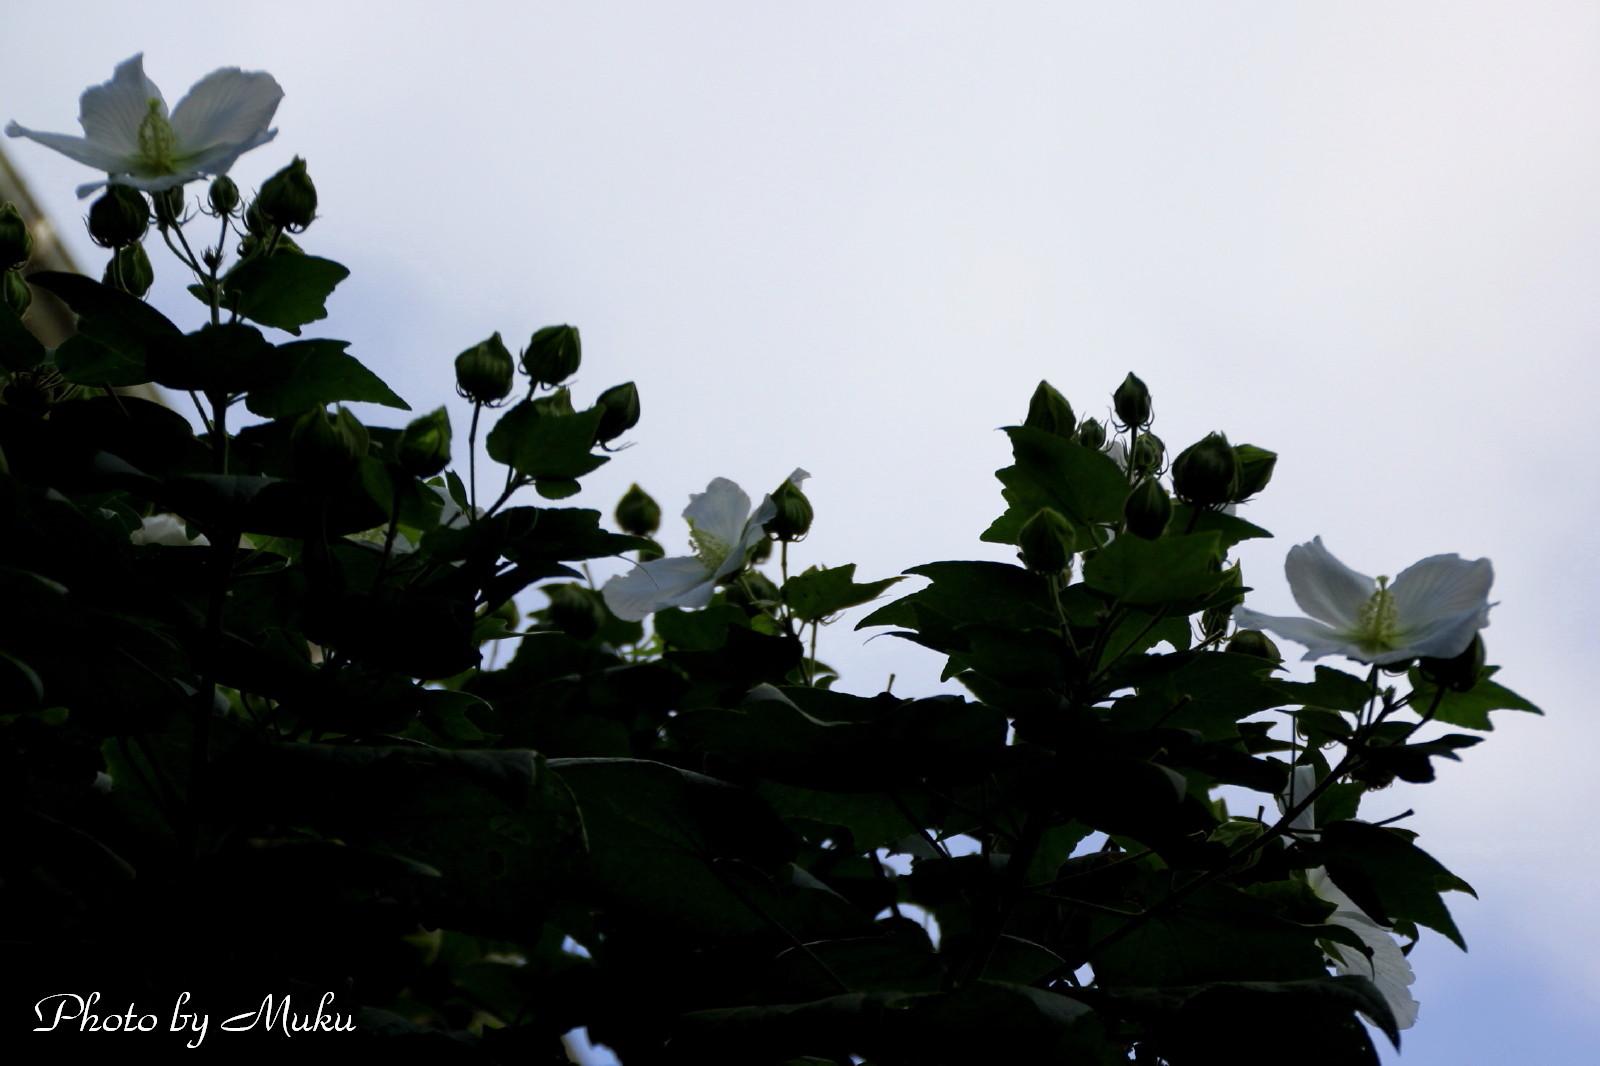 2014.8.17 芙蓉 (散歩道:神奈川県横須賀市)